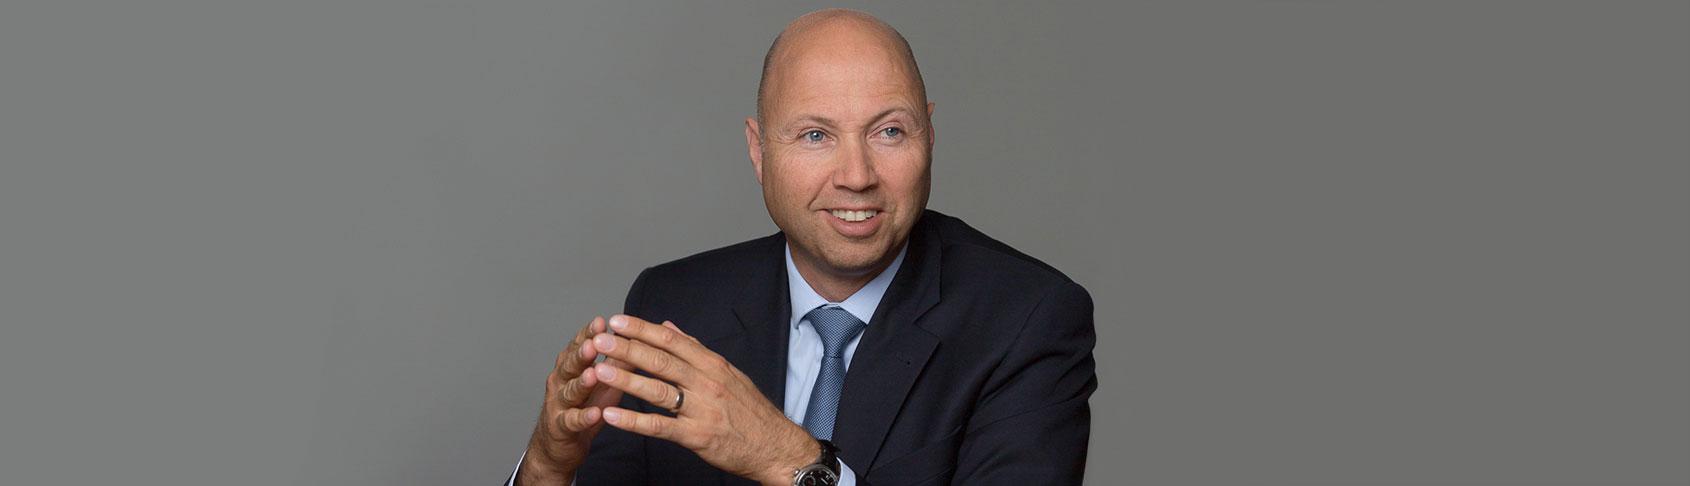 Intervista a andreas kr mmel ceo generali svizzera generali for Assicurazione mobilia domestica